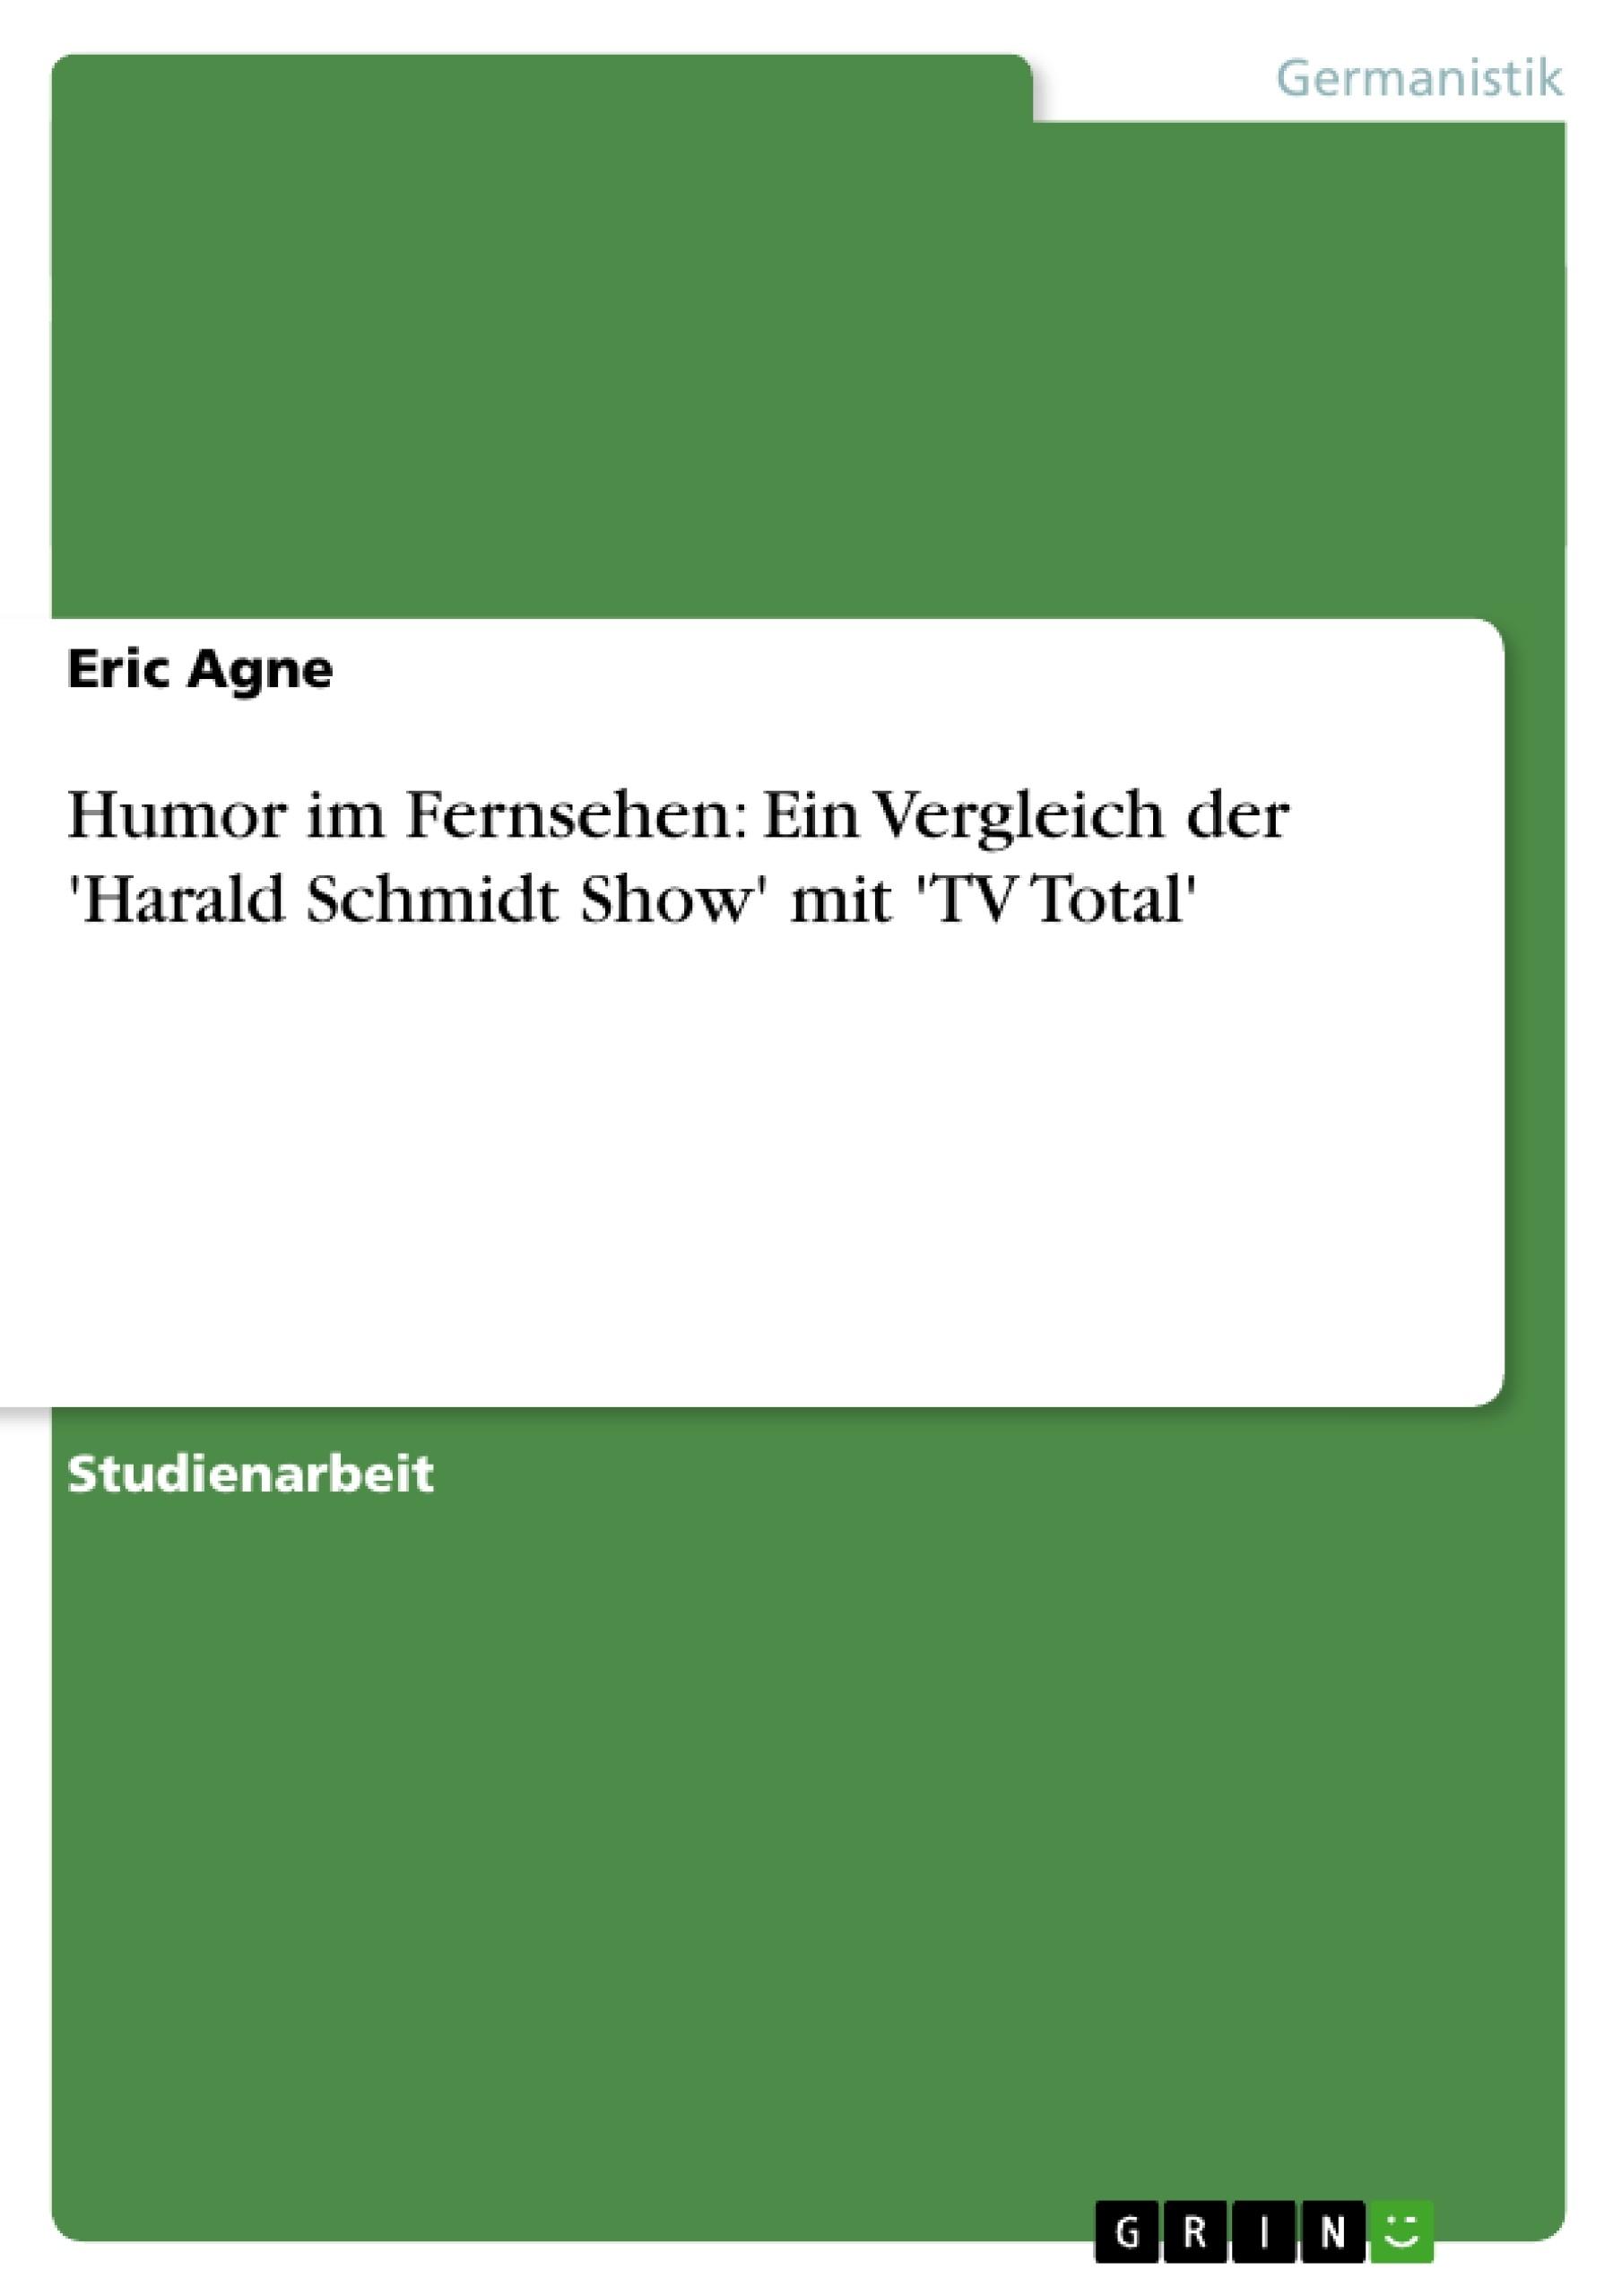 Titel: Humor im Fernsehen: Ein Vergleich der 'Harald Schmidt Show' mit 'TV Total'